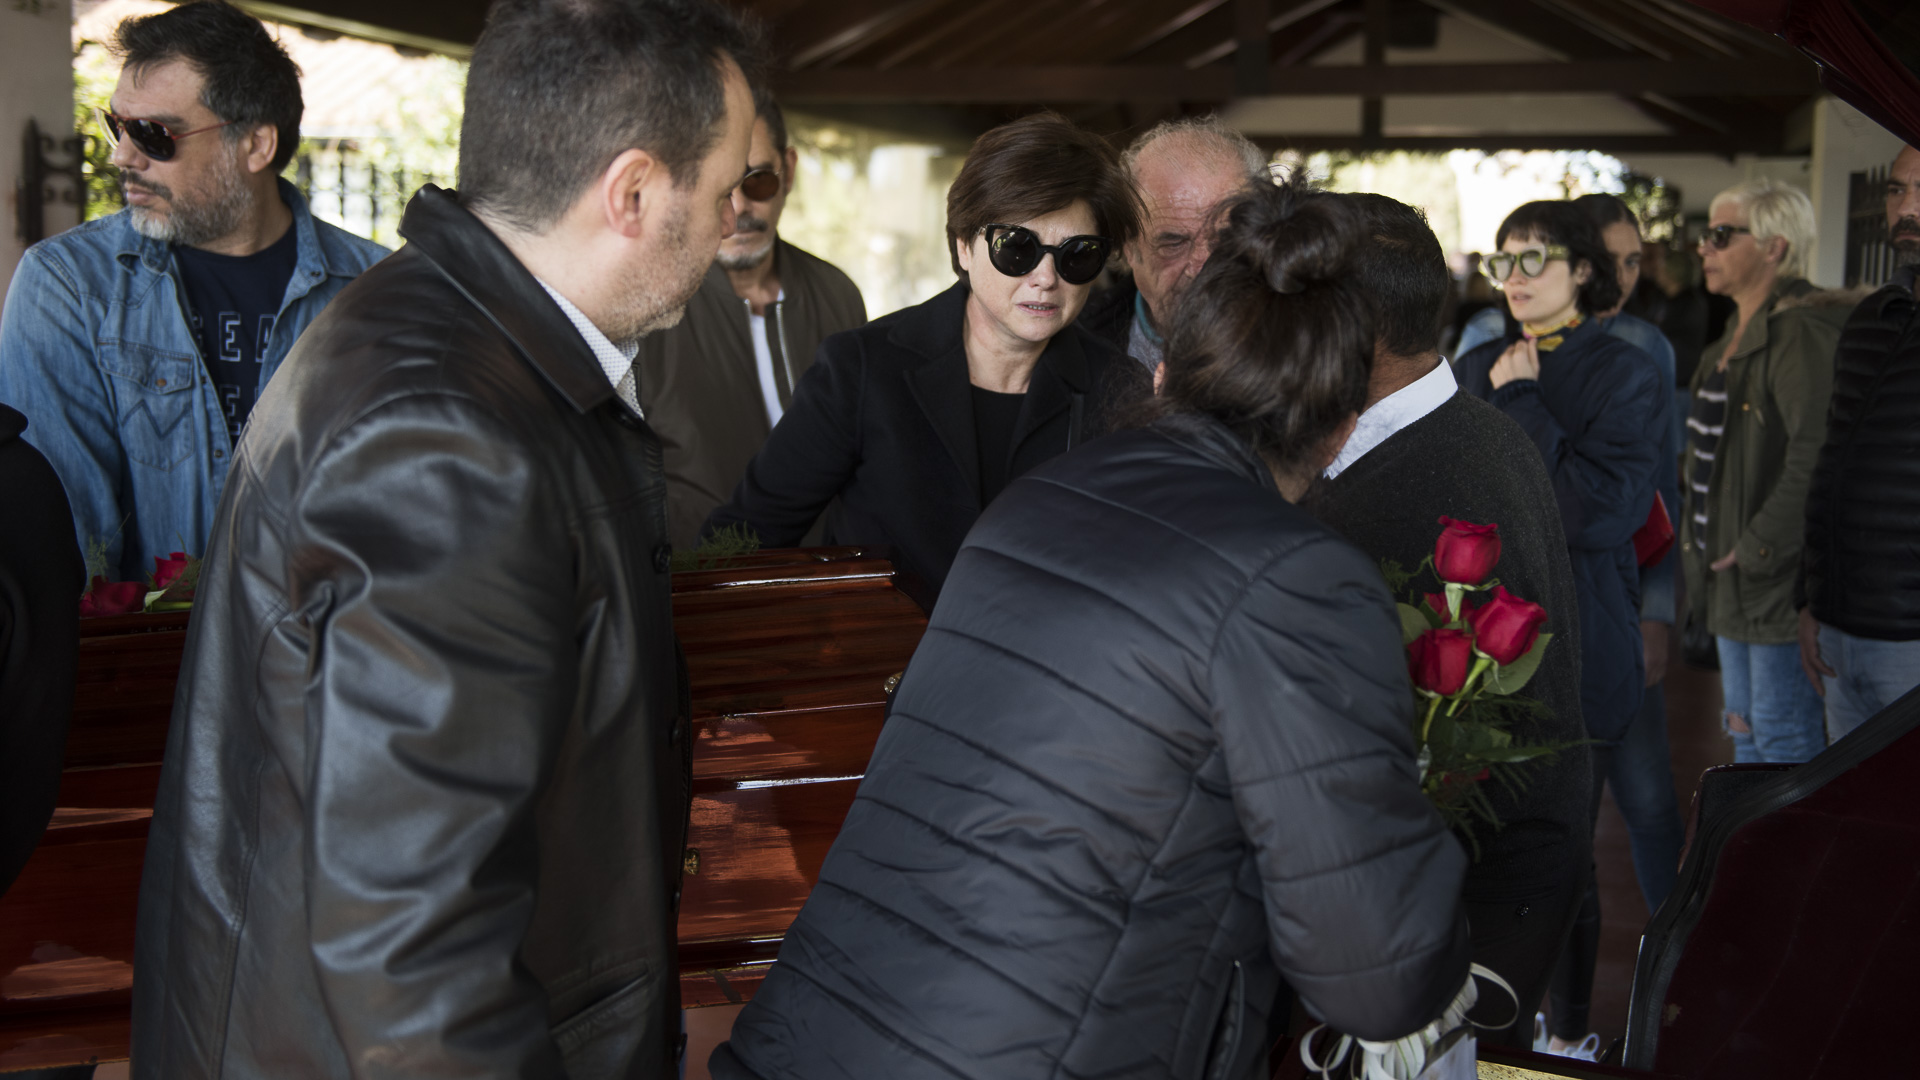 Araceli González despidió a su mamá, Rosa Monteferrario, que murió el lunes tras luchar 4 años contra el lupus (Fotos: Adrián Escandar)